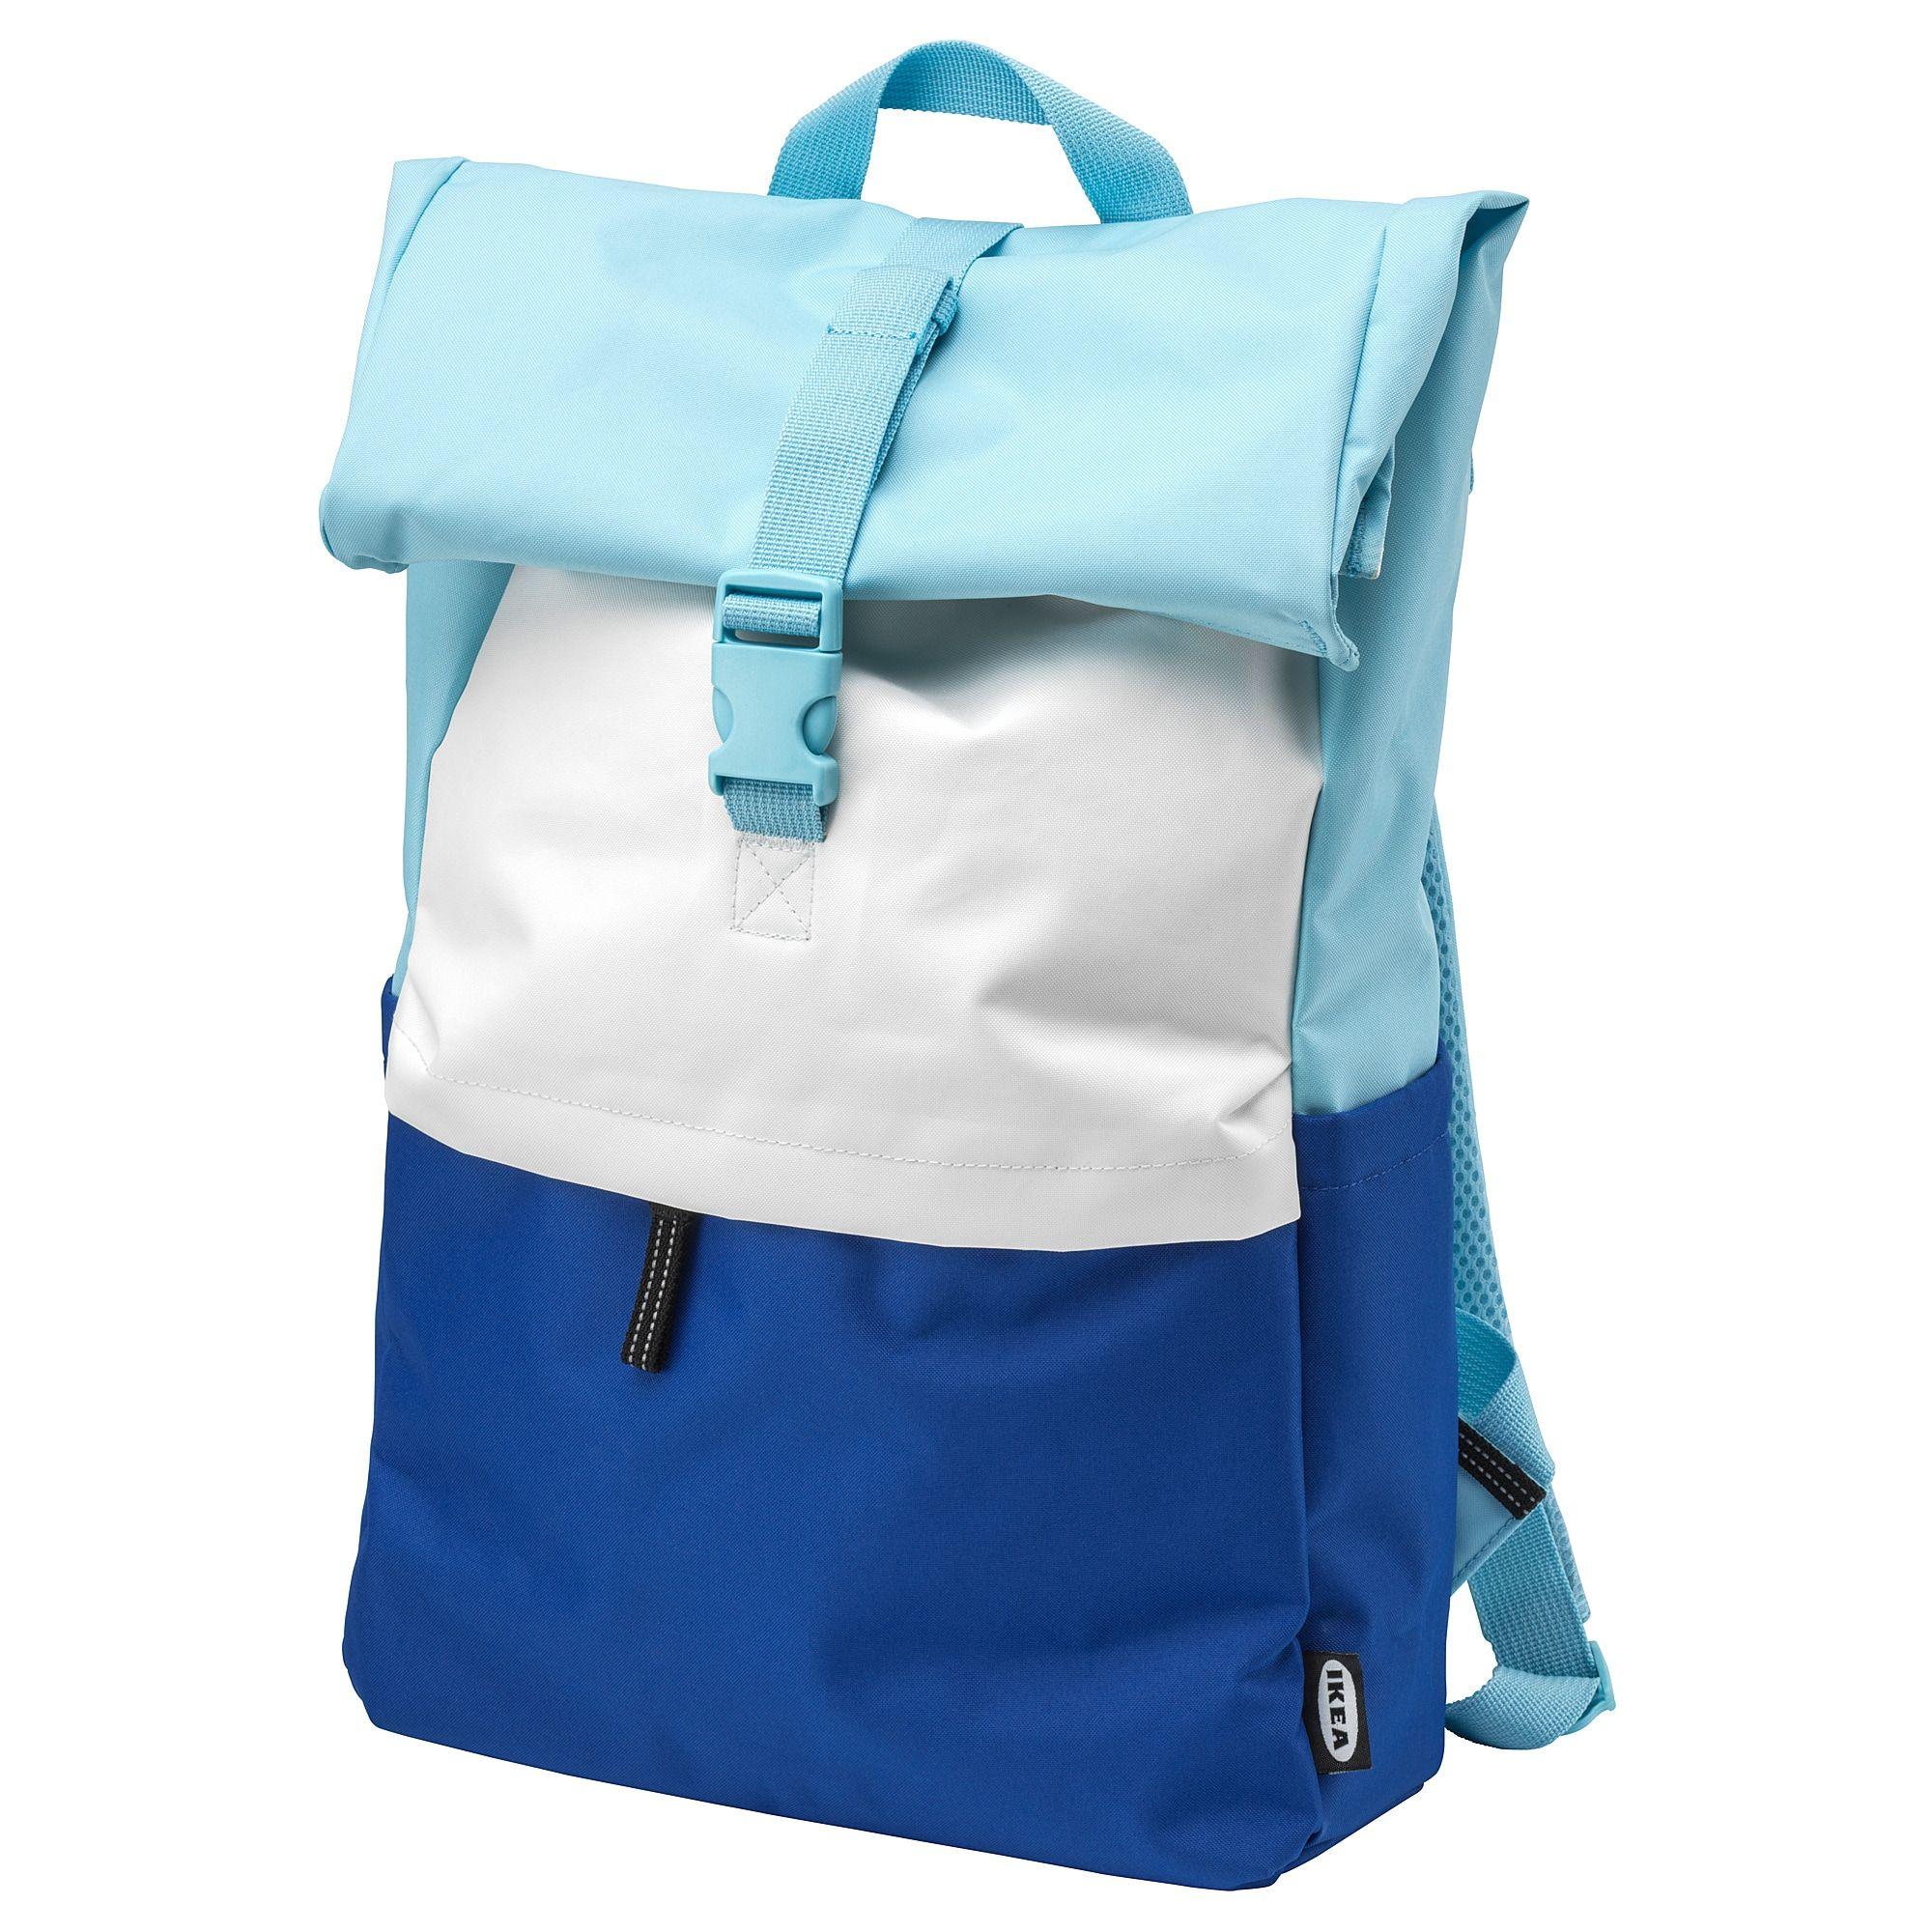 Ikea Us Furniture And Home Furnishings Blue Backpack Backpacks Ikea